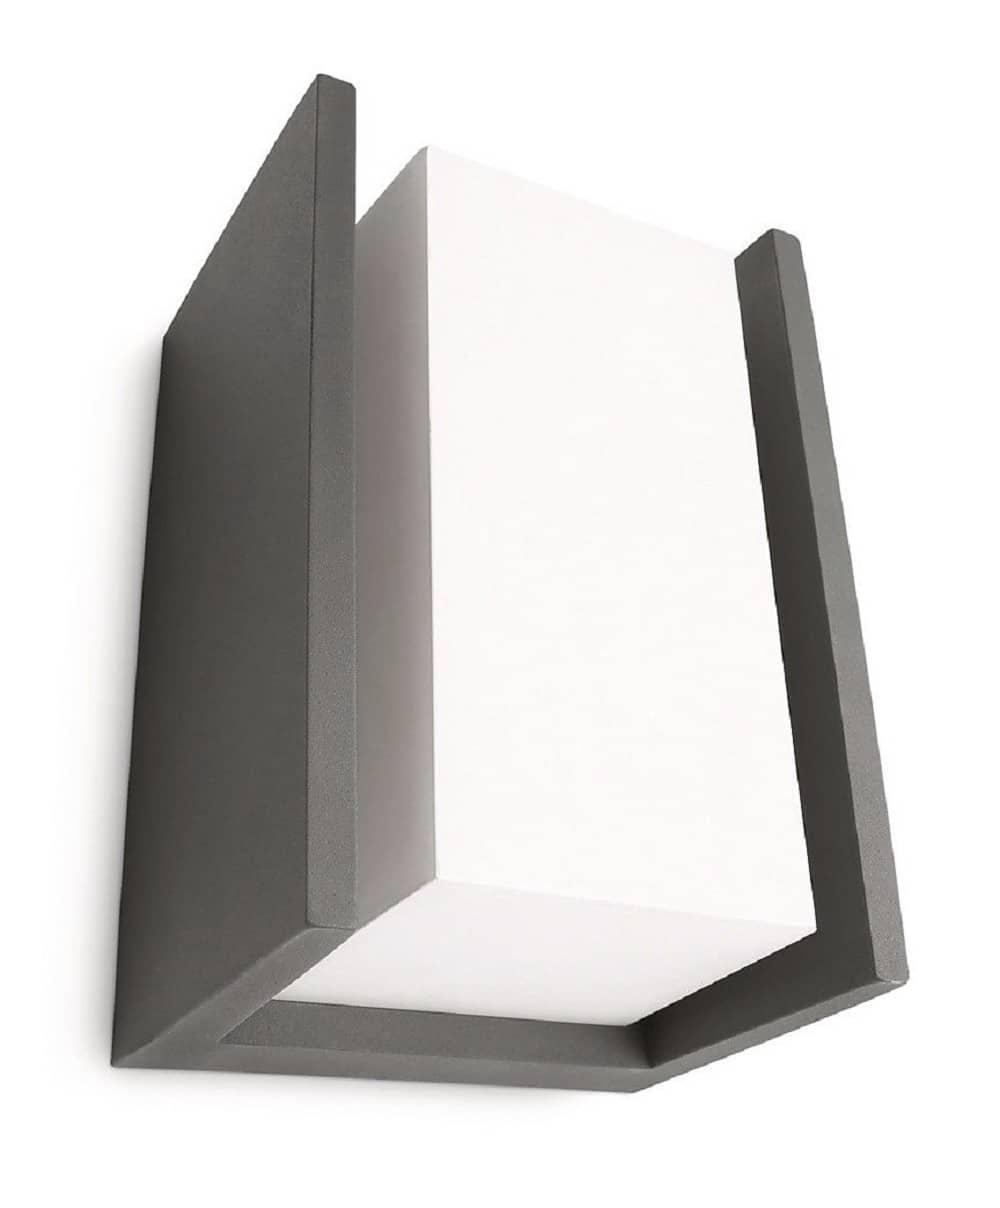 philips 5413987120268 es aussenleuchte ecomoods bridge 15w warmweiss 16351 93 16. Black Bedroom Furniture Sets. Home Design Ideas